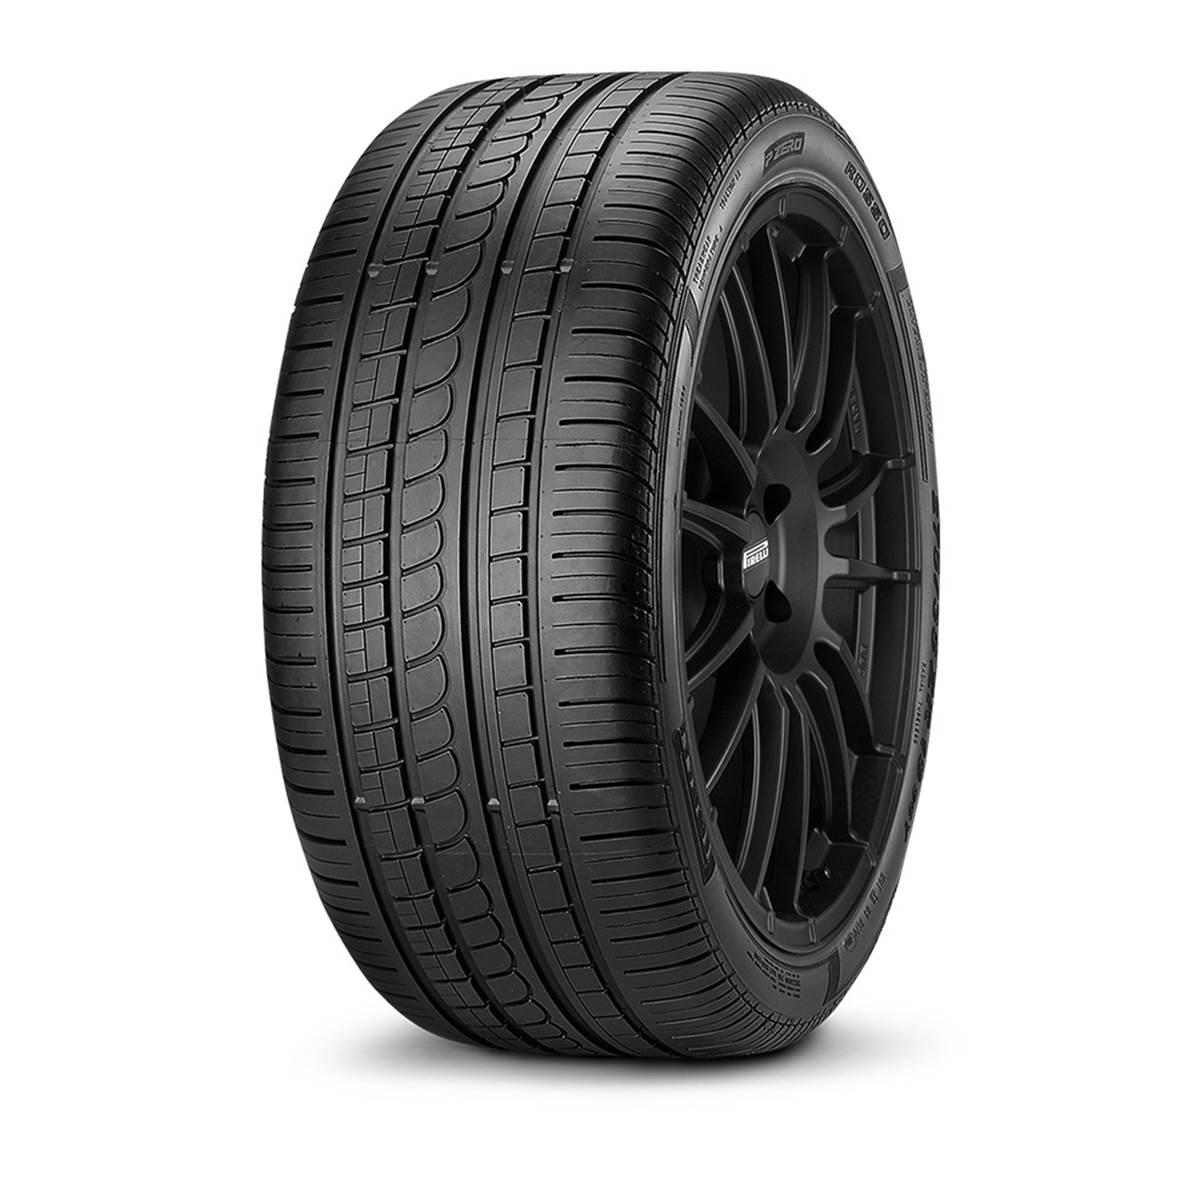 Pneu Pirelli 275/45R18 103Y Pzero Rosso